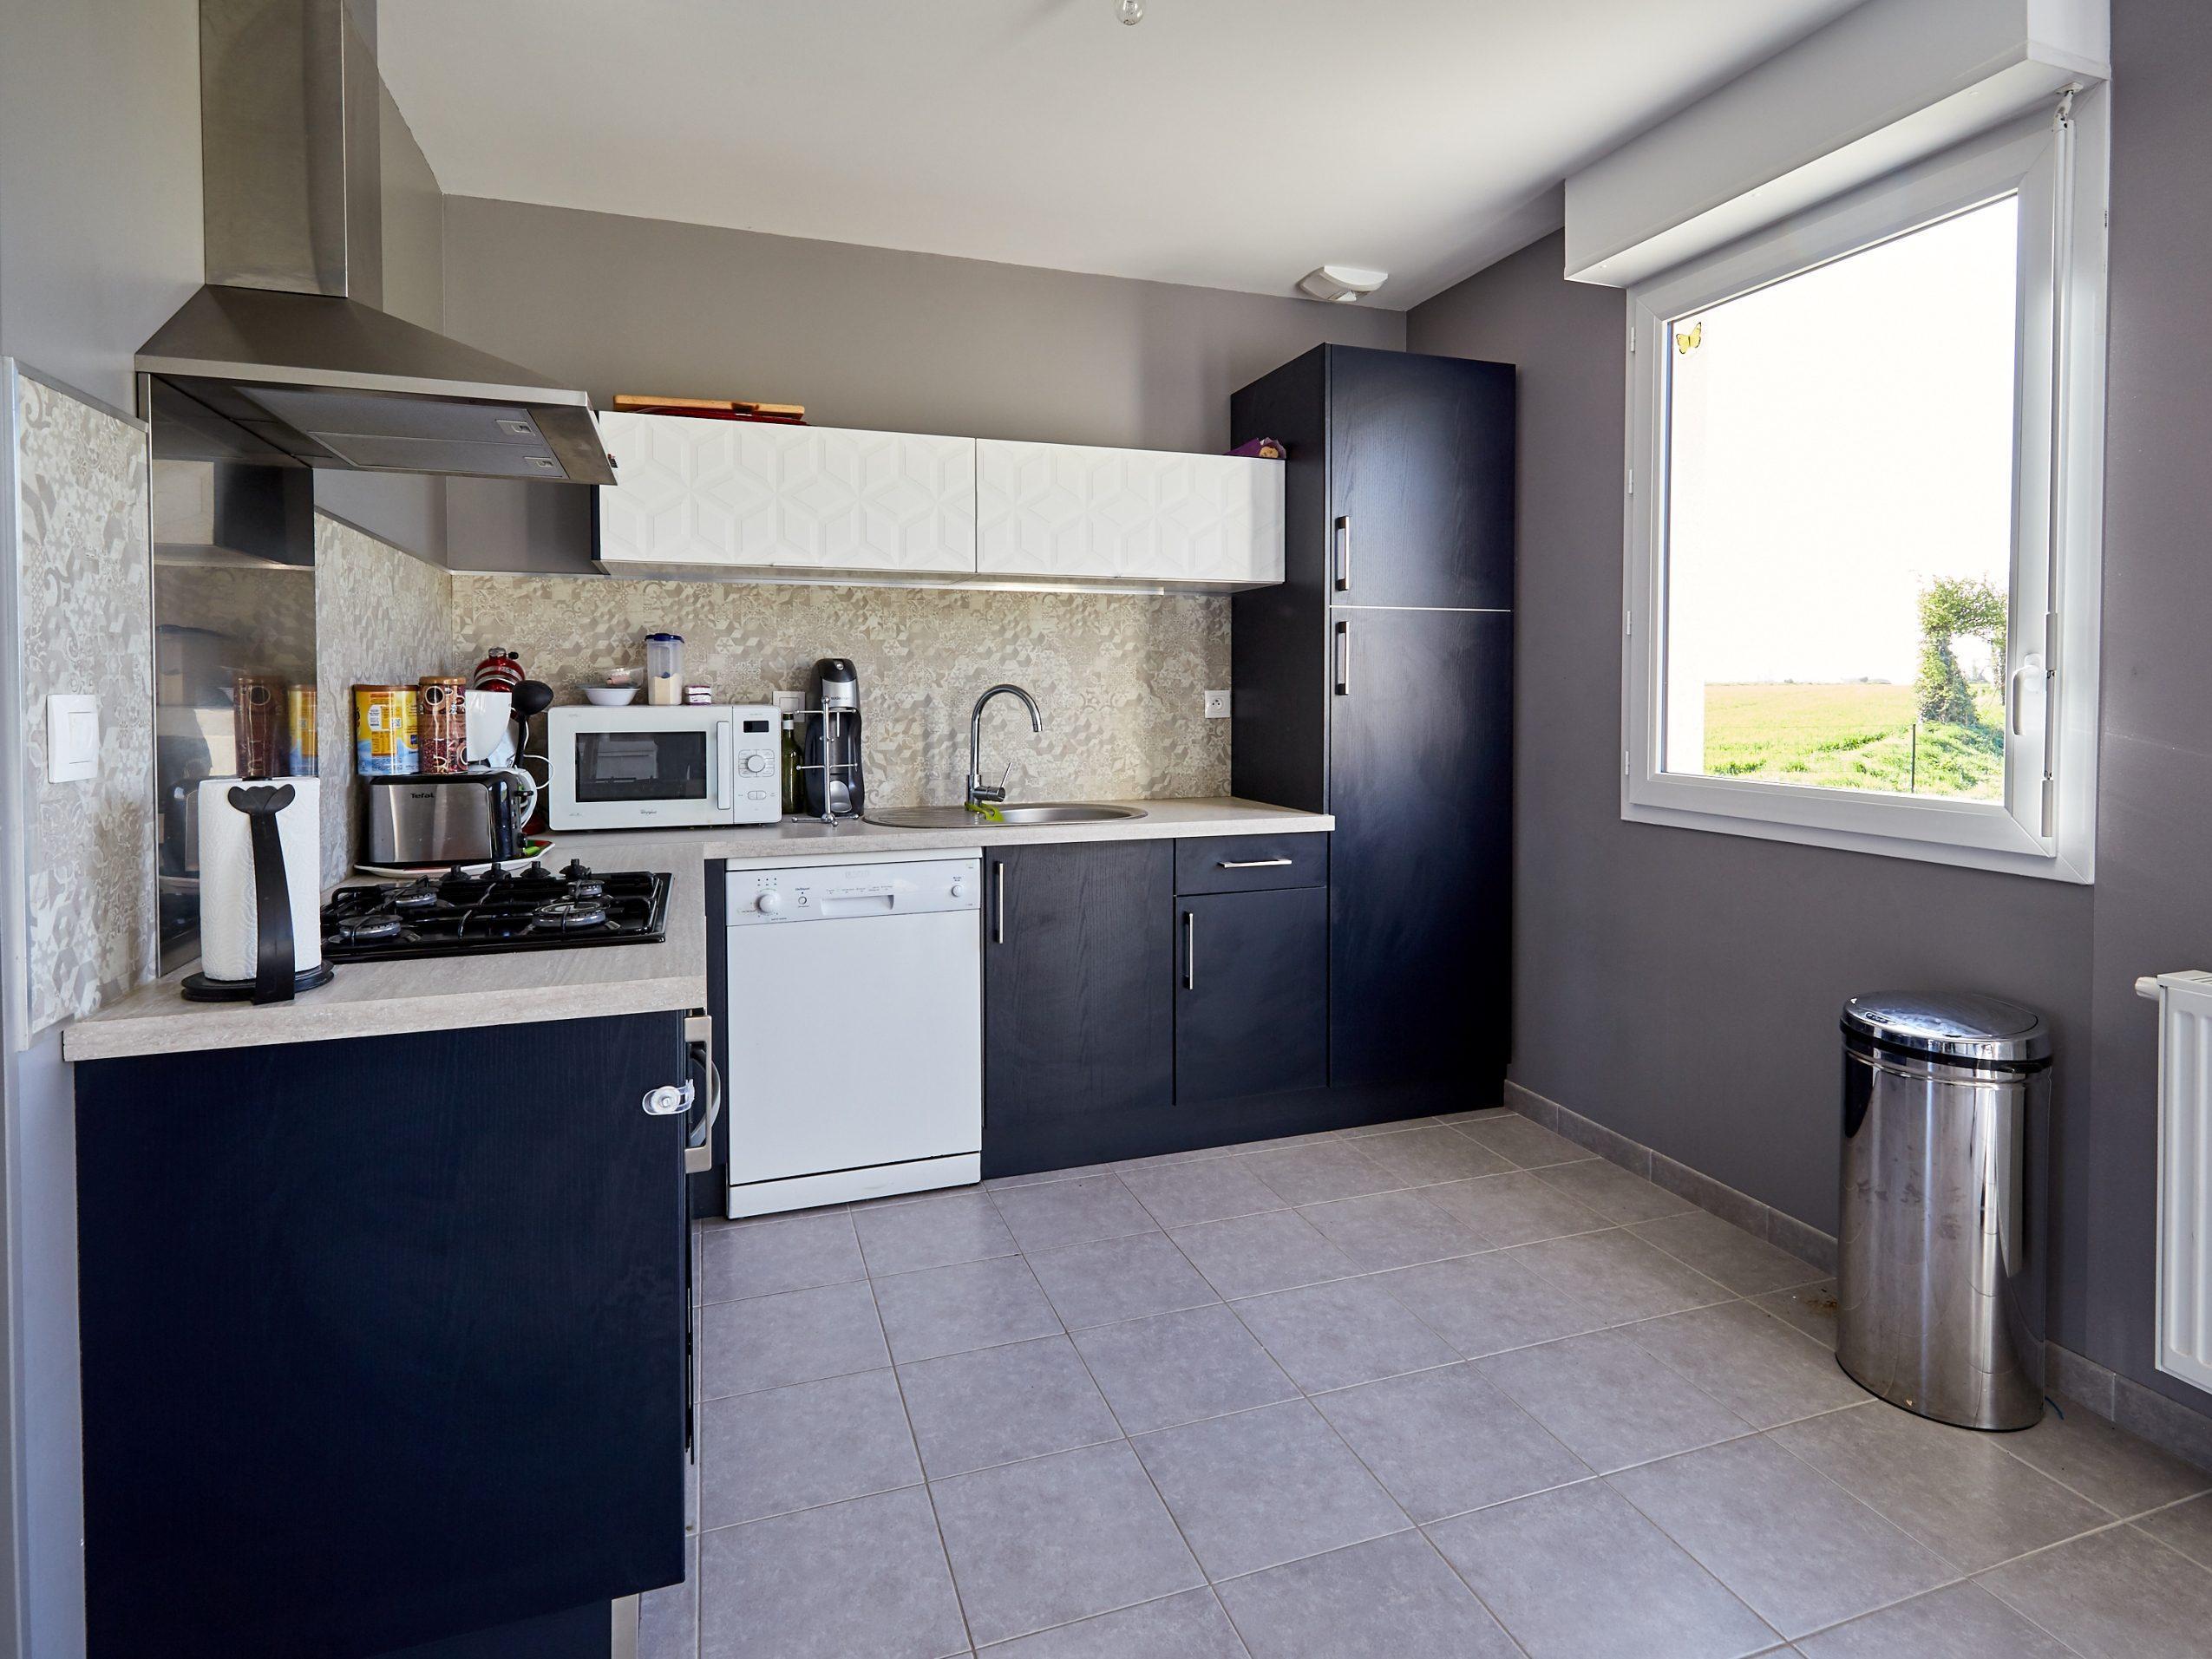 Maisons + Terrains du constructeur MAISONS PHENIX • 90 m² • CHALONNES SUR LOIRE